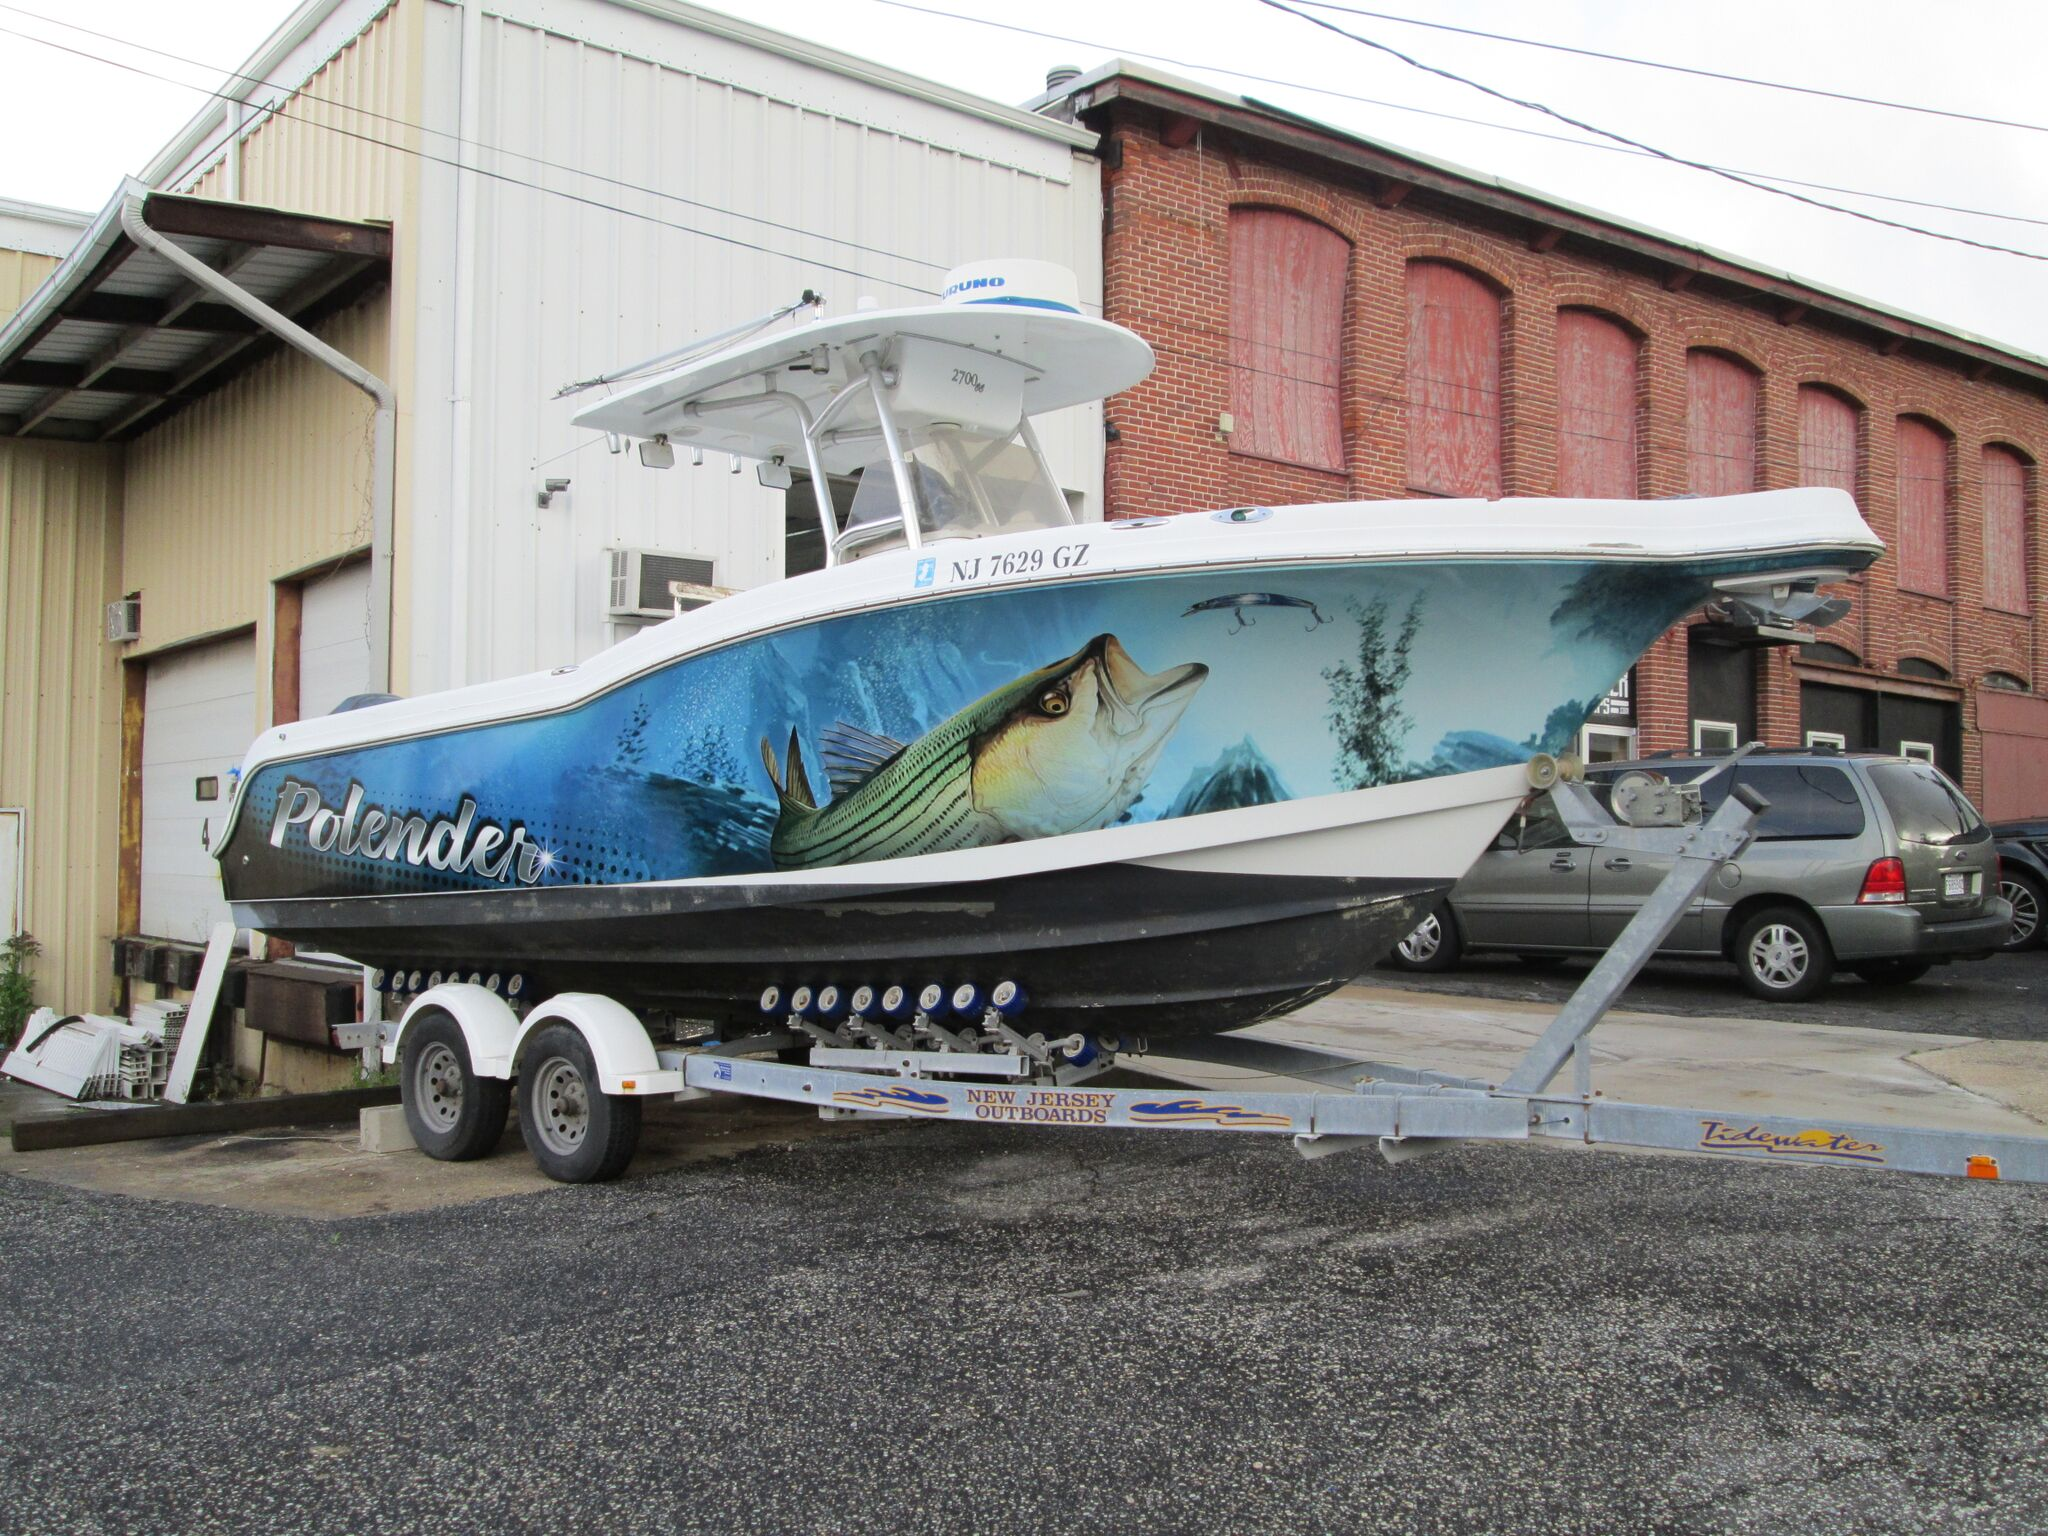 Pilander Boat Wrap